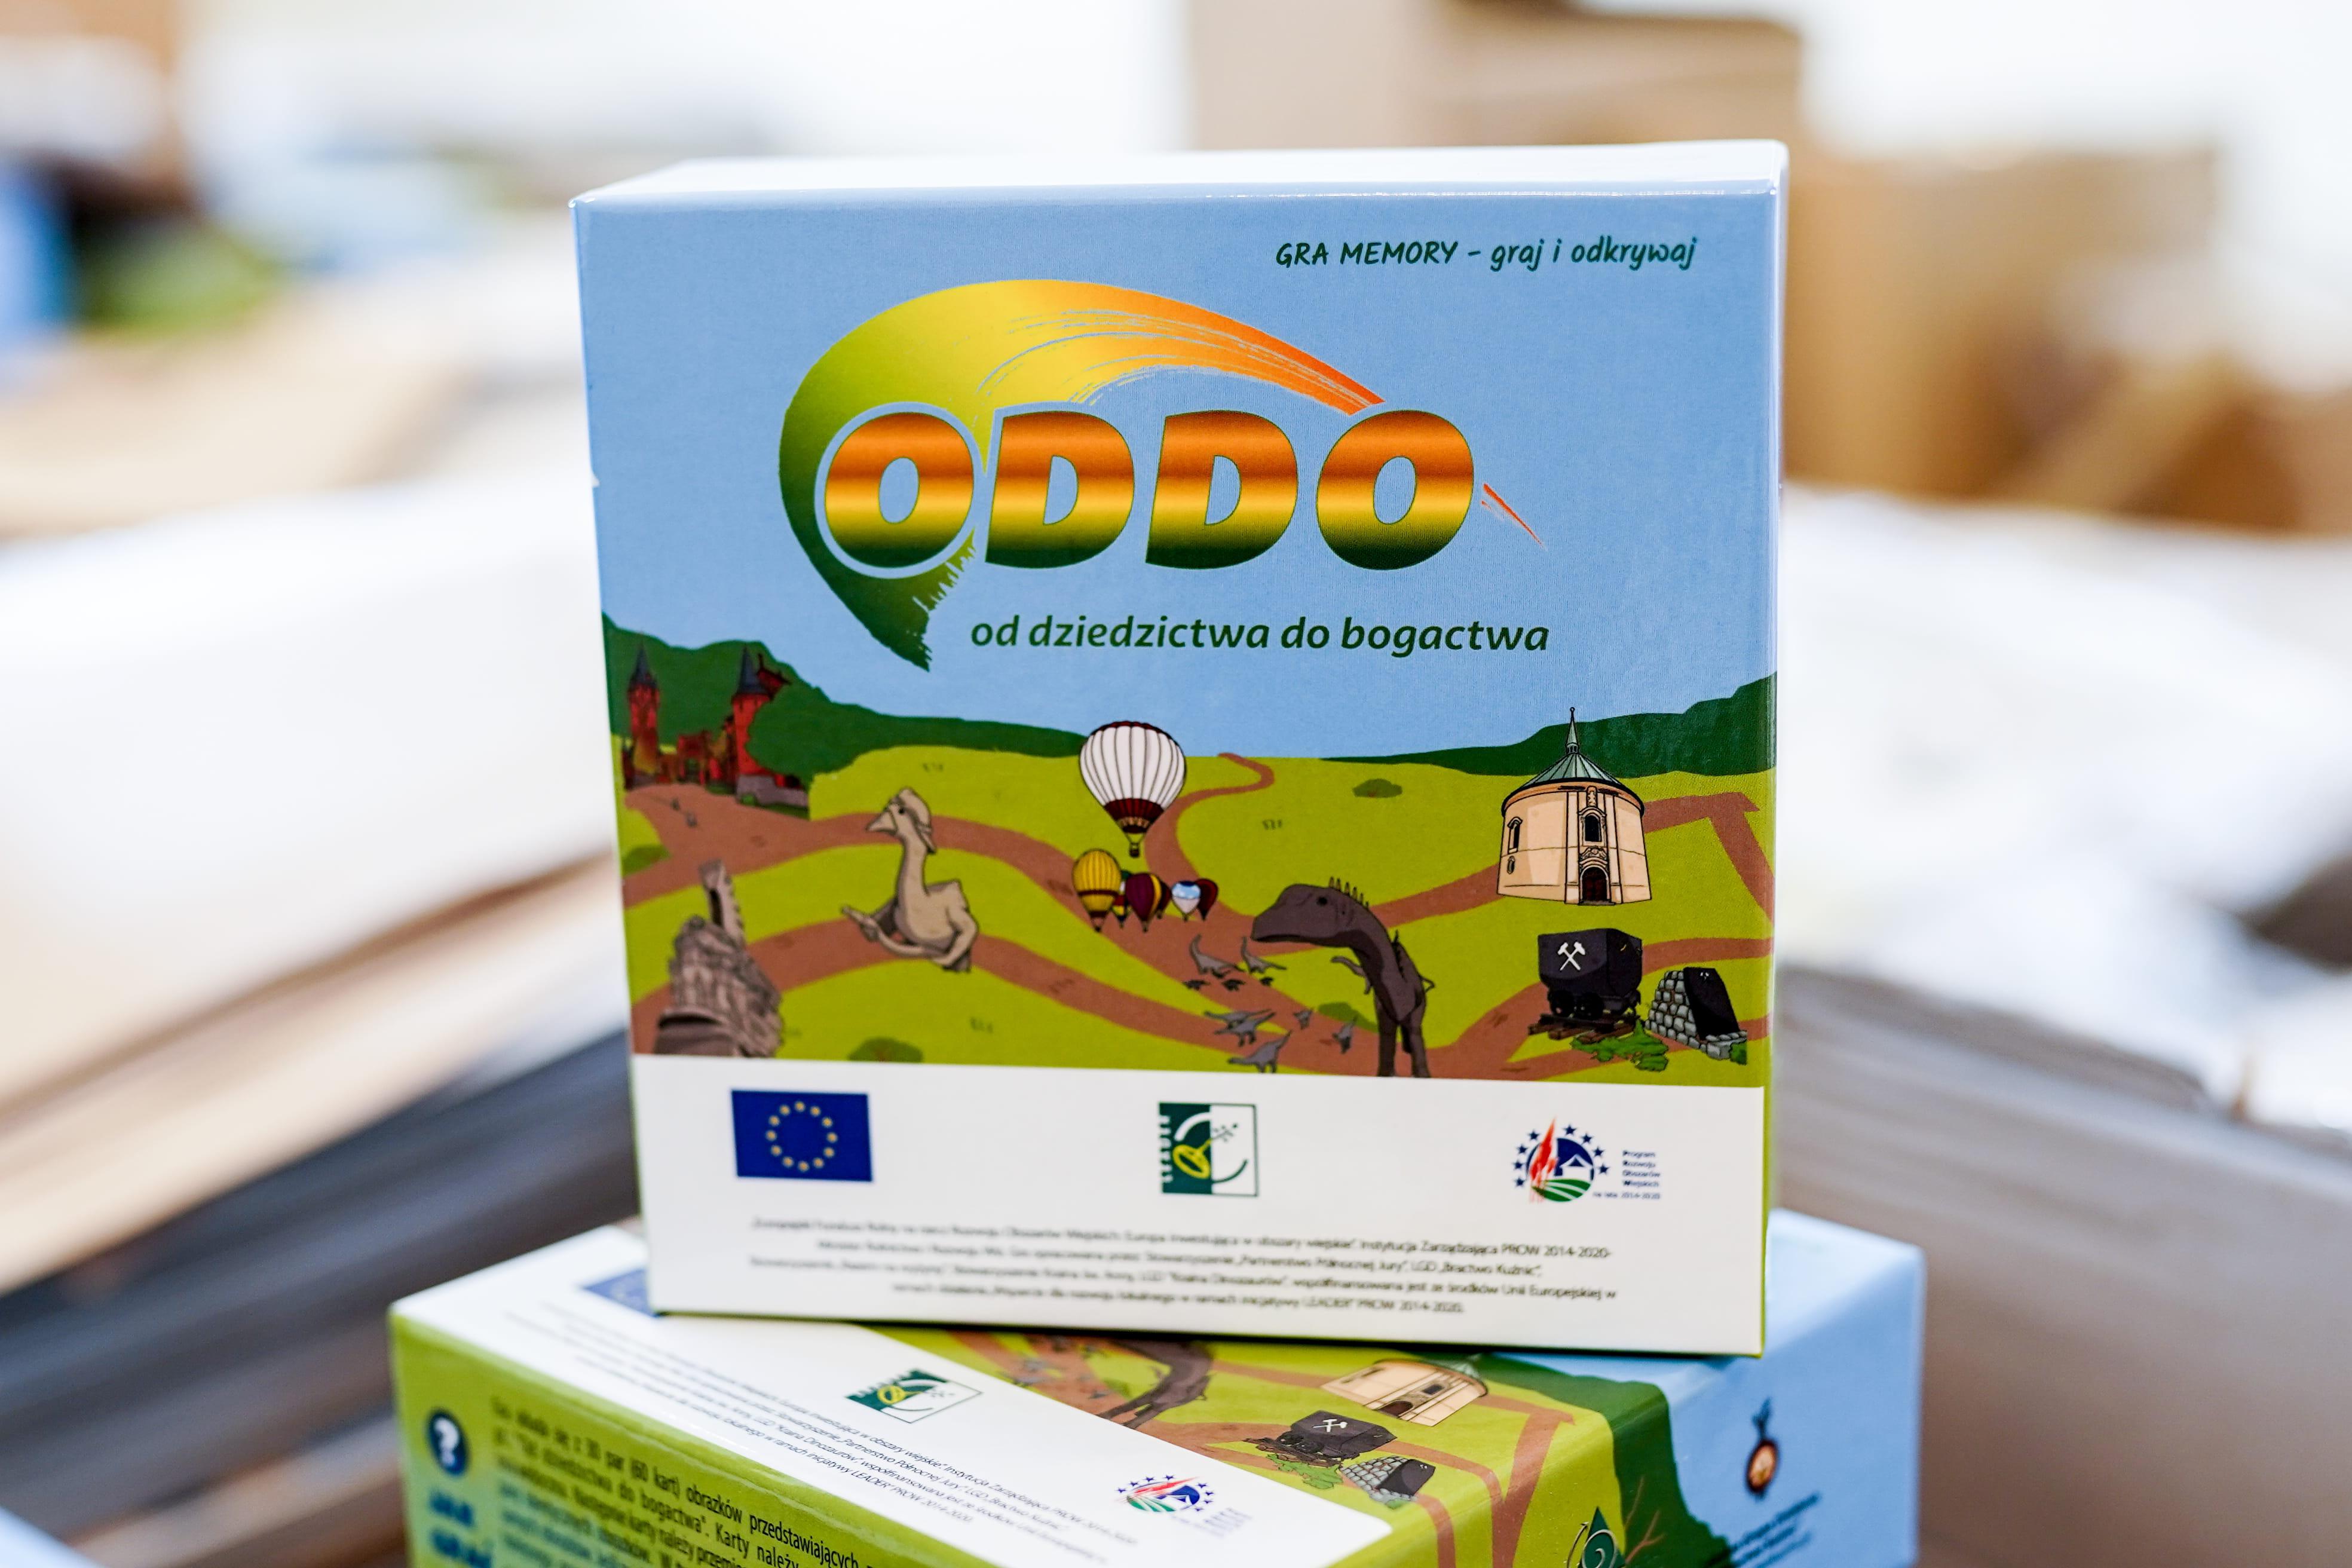 oddo-portfolio-ewerro.jpg